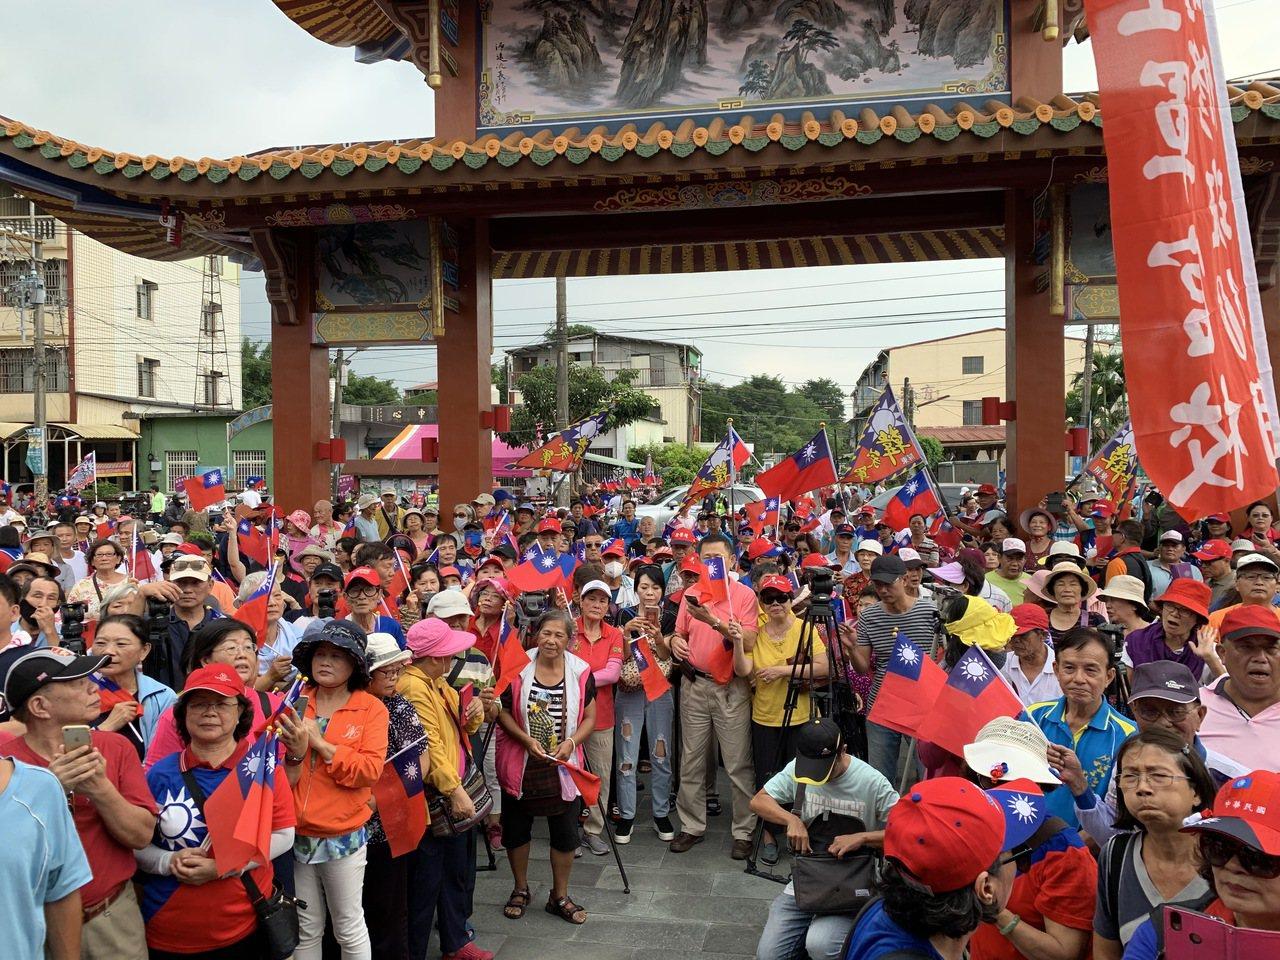 韓國瑜今到屏東,所到之處受到熱烈歡迎。記者翁禎霞/攝影